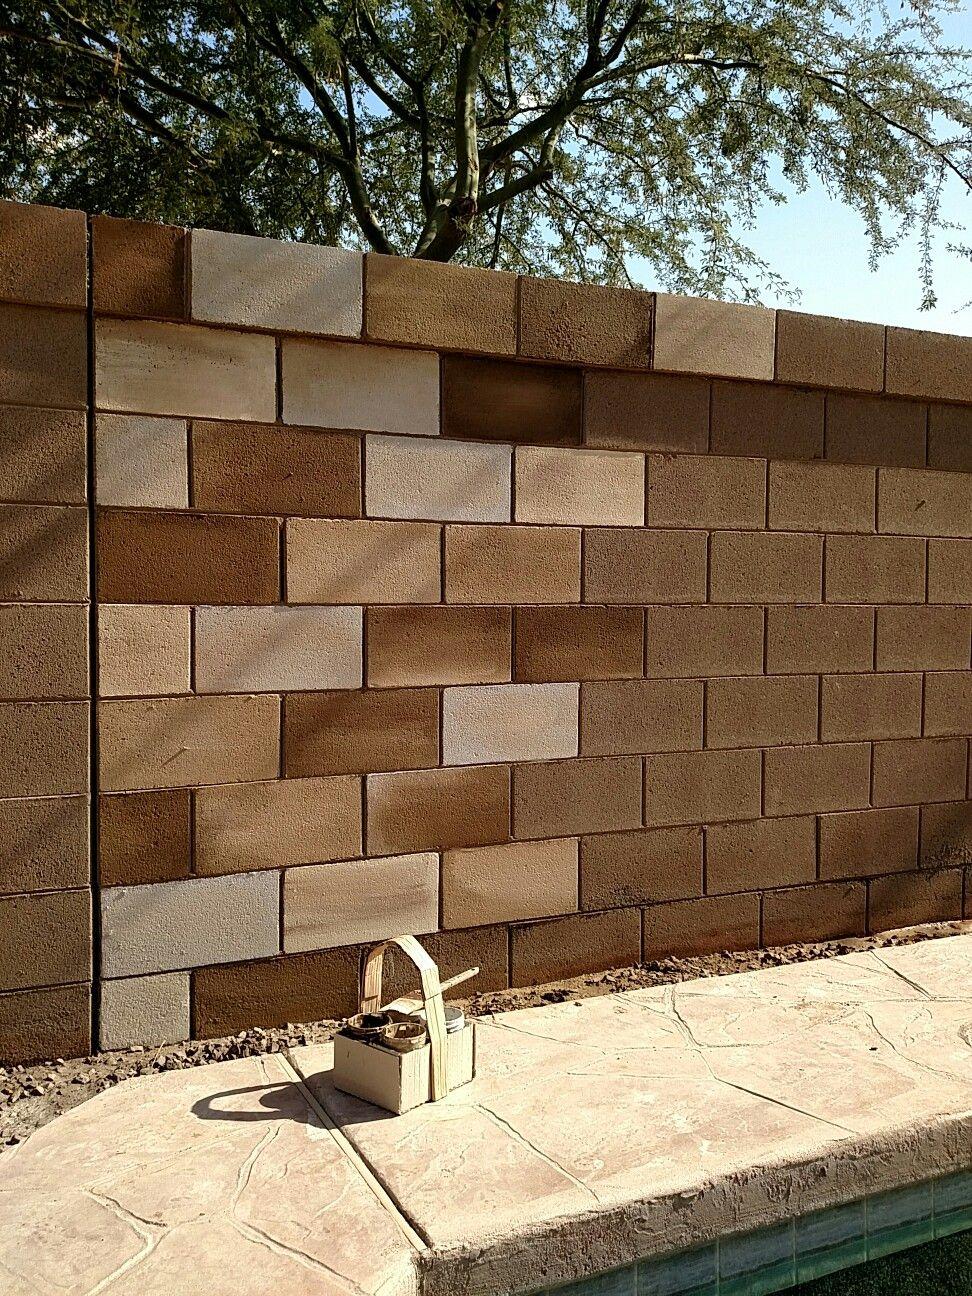 Cinder Hollow Block Wall Decorating Cinder Block Walls Cinder Block Garden Wall Cinder Block Walls